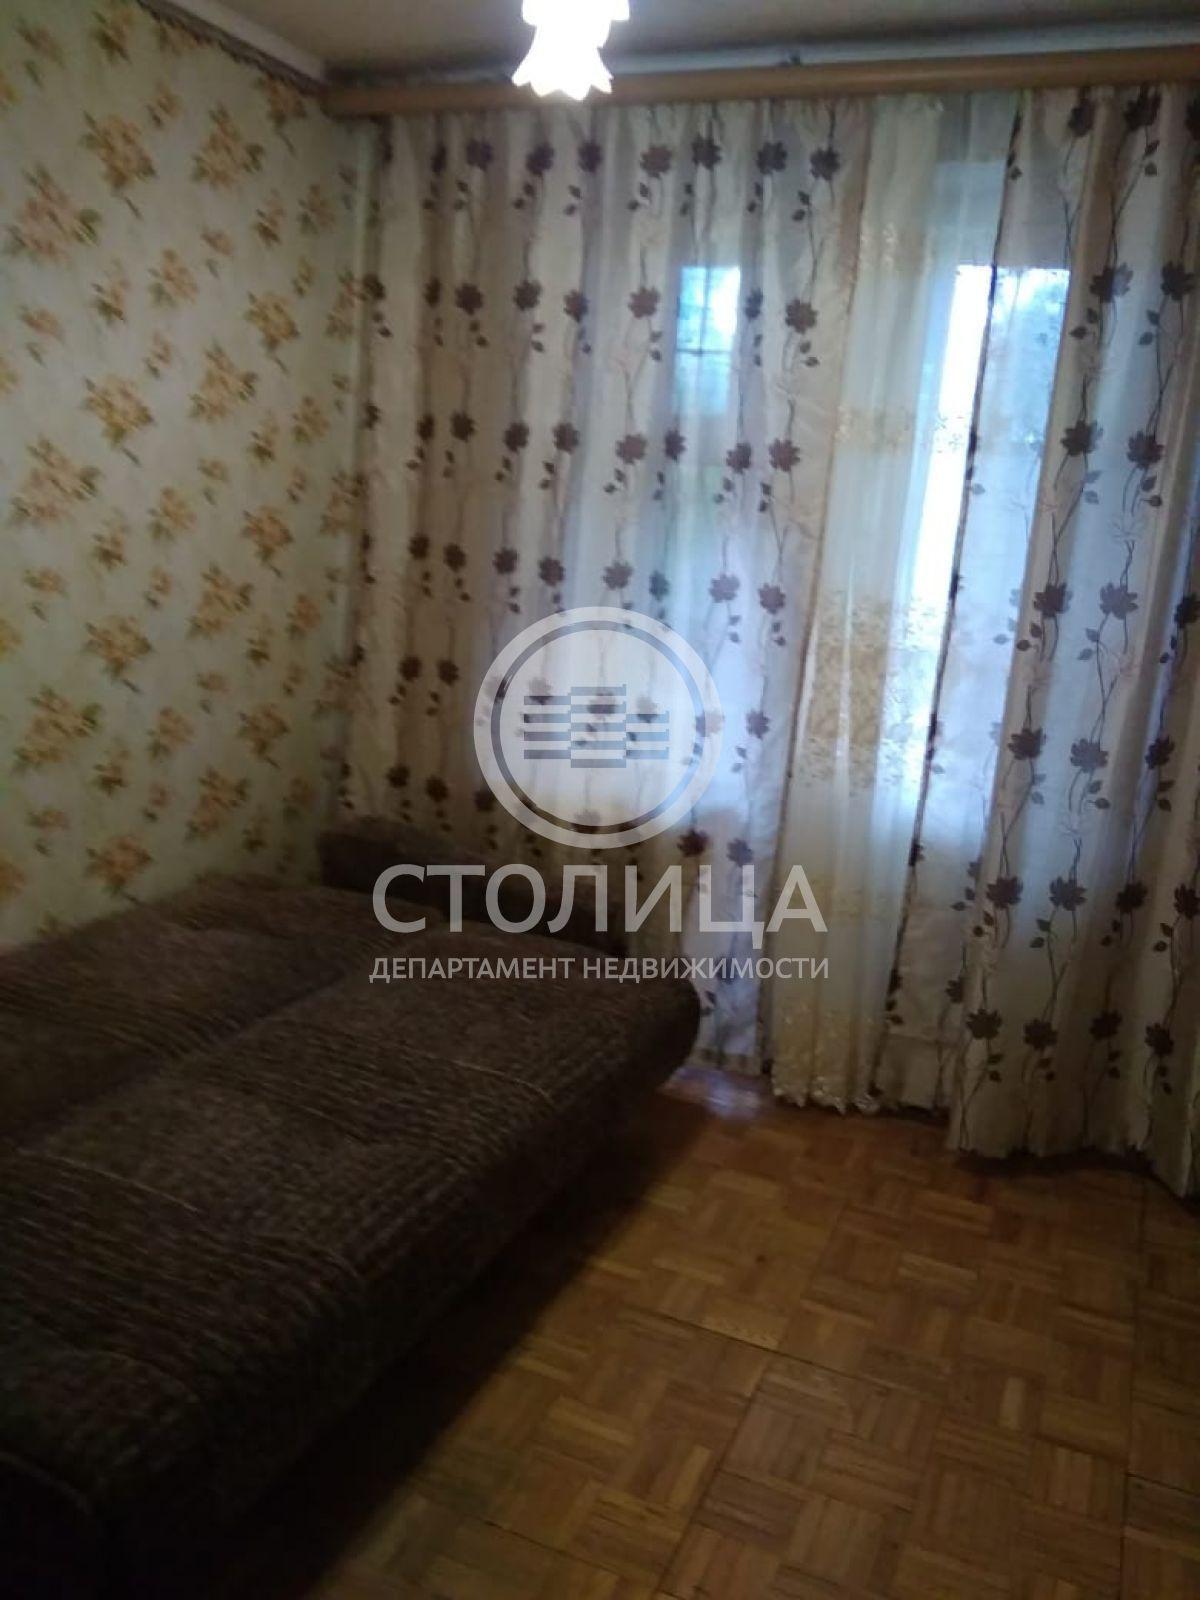 Квартира в аренду по адресу Россия, Московская область, Балашиха, Солнечная ул, 18